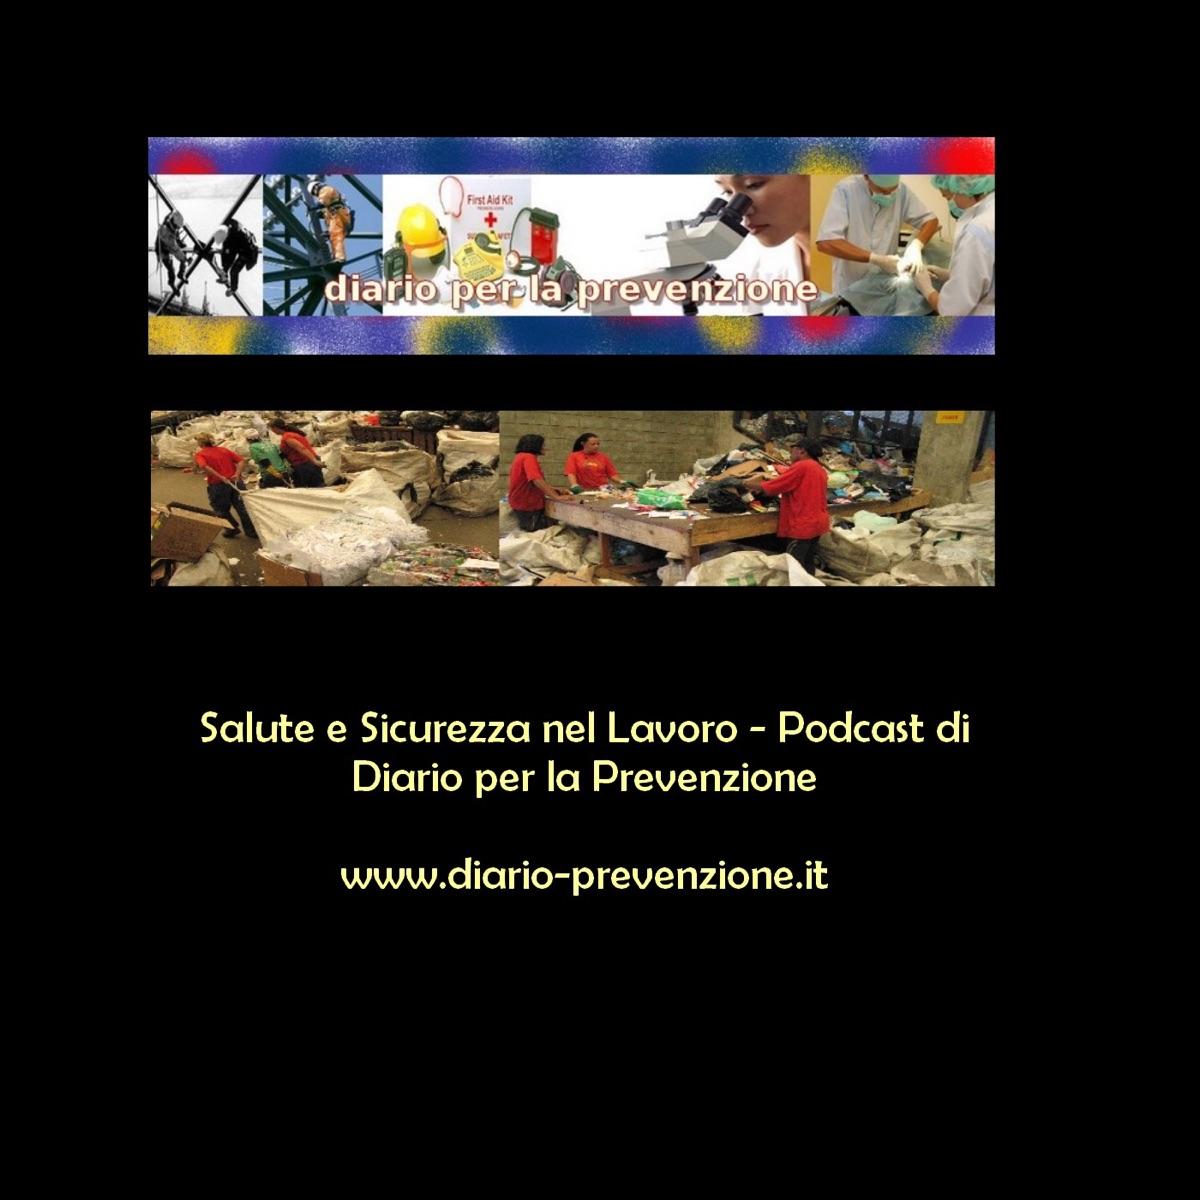 Podcast di Diario Prevenzione del giorno 7 gennaio 2020 – Puntata n° 66 .